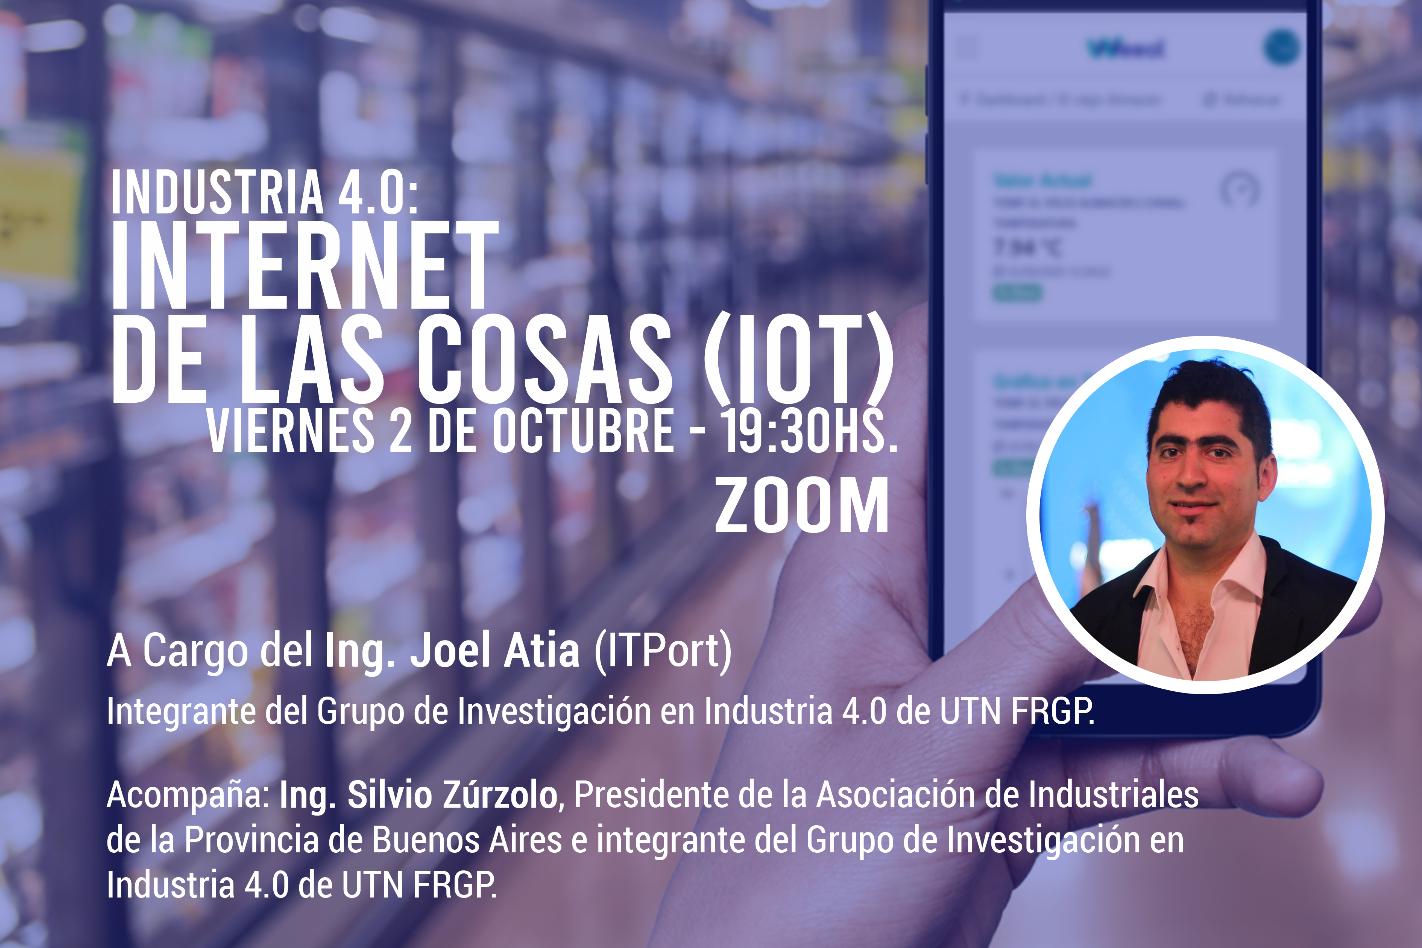 Charla: La Industria 4.0: Internet de las cosas (IoT)